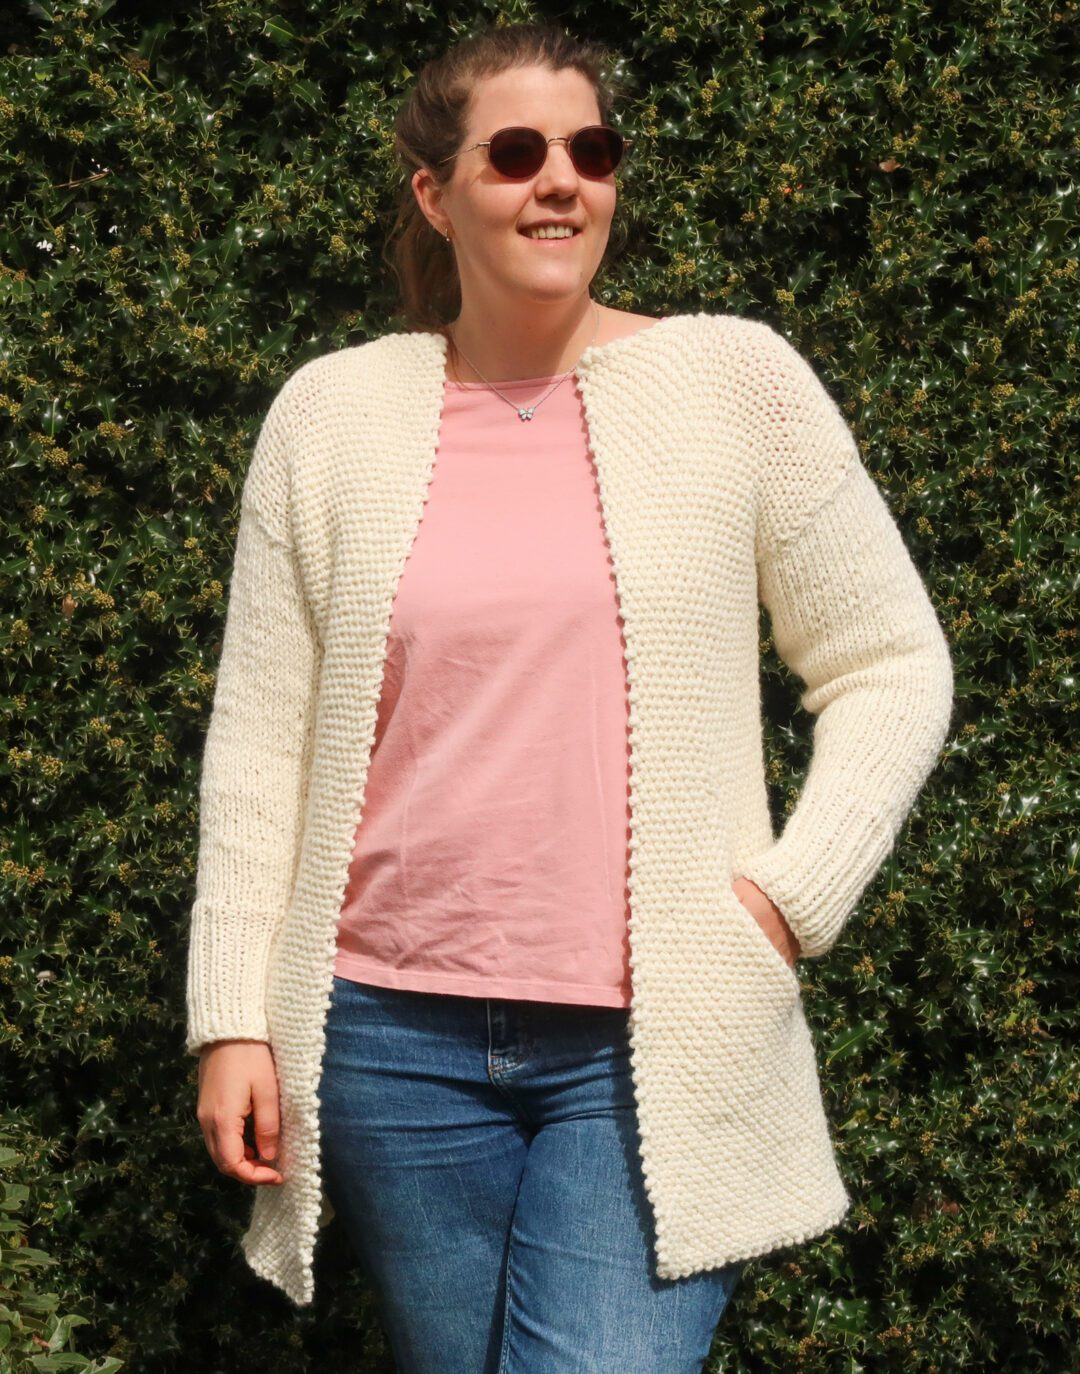 cardigan knitting pattern FREE